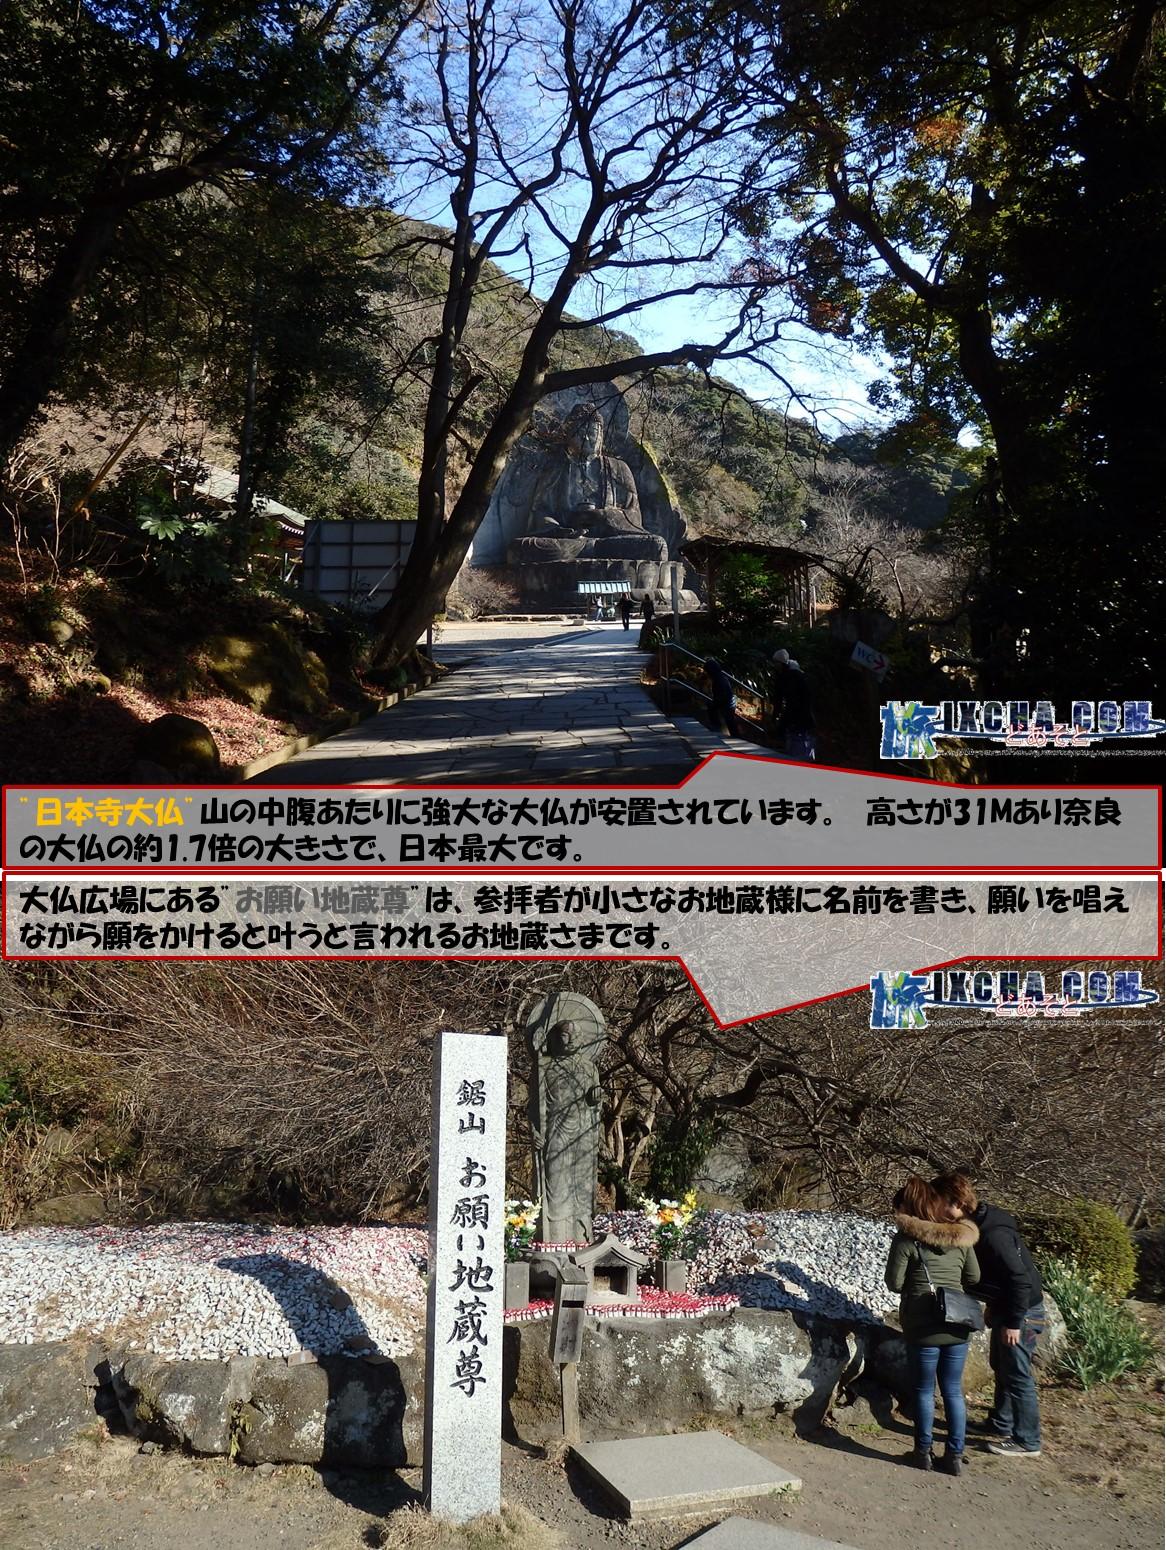 """""""日本寺大仏""""山の中腹あたりに強大な大仏が安置されています。 高さが31Mあり奈良の大仏の約1.7倍の大きさで、日本最大です。 大仏広場にある""""お願い地蔵尊""""は、参拝者が小さなお地蔵様に名前を書き、願いを唱えながら願をかけると叶うと言われるお地蔵さまです。"""